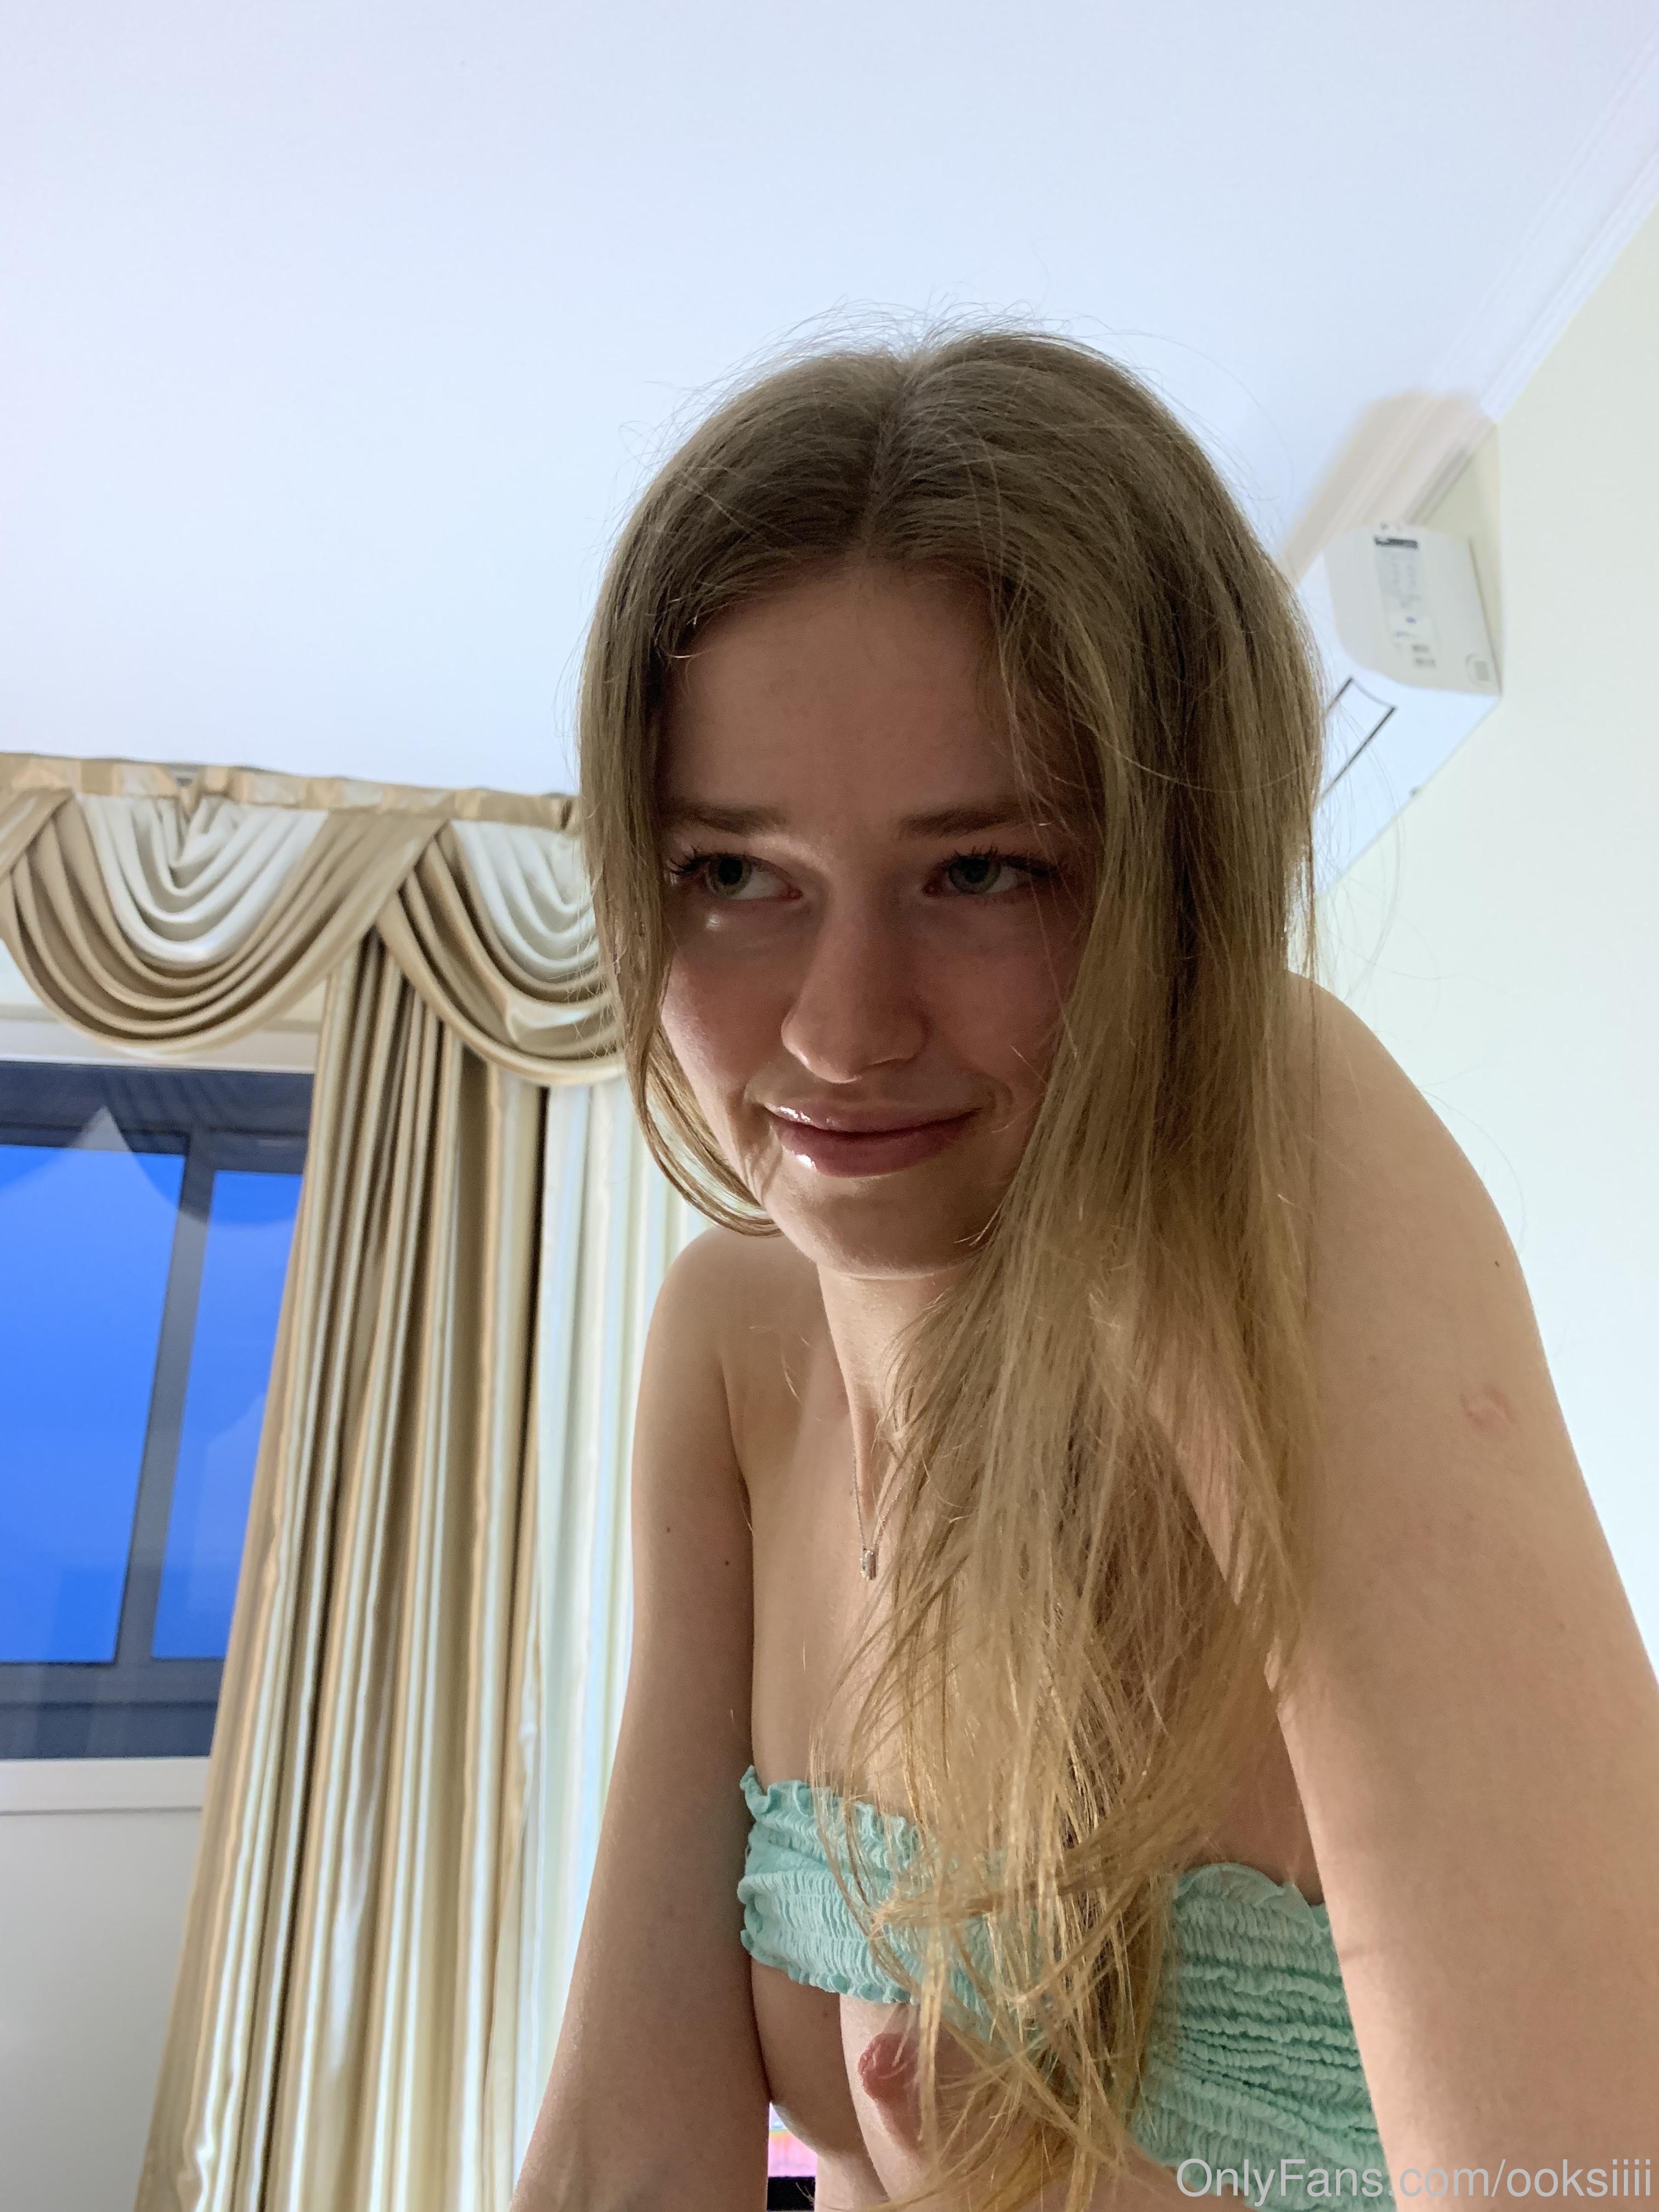 Oksana Fedorova, Ooksiii, Onlyfans 0051